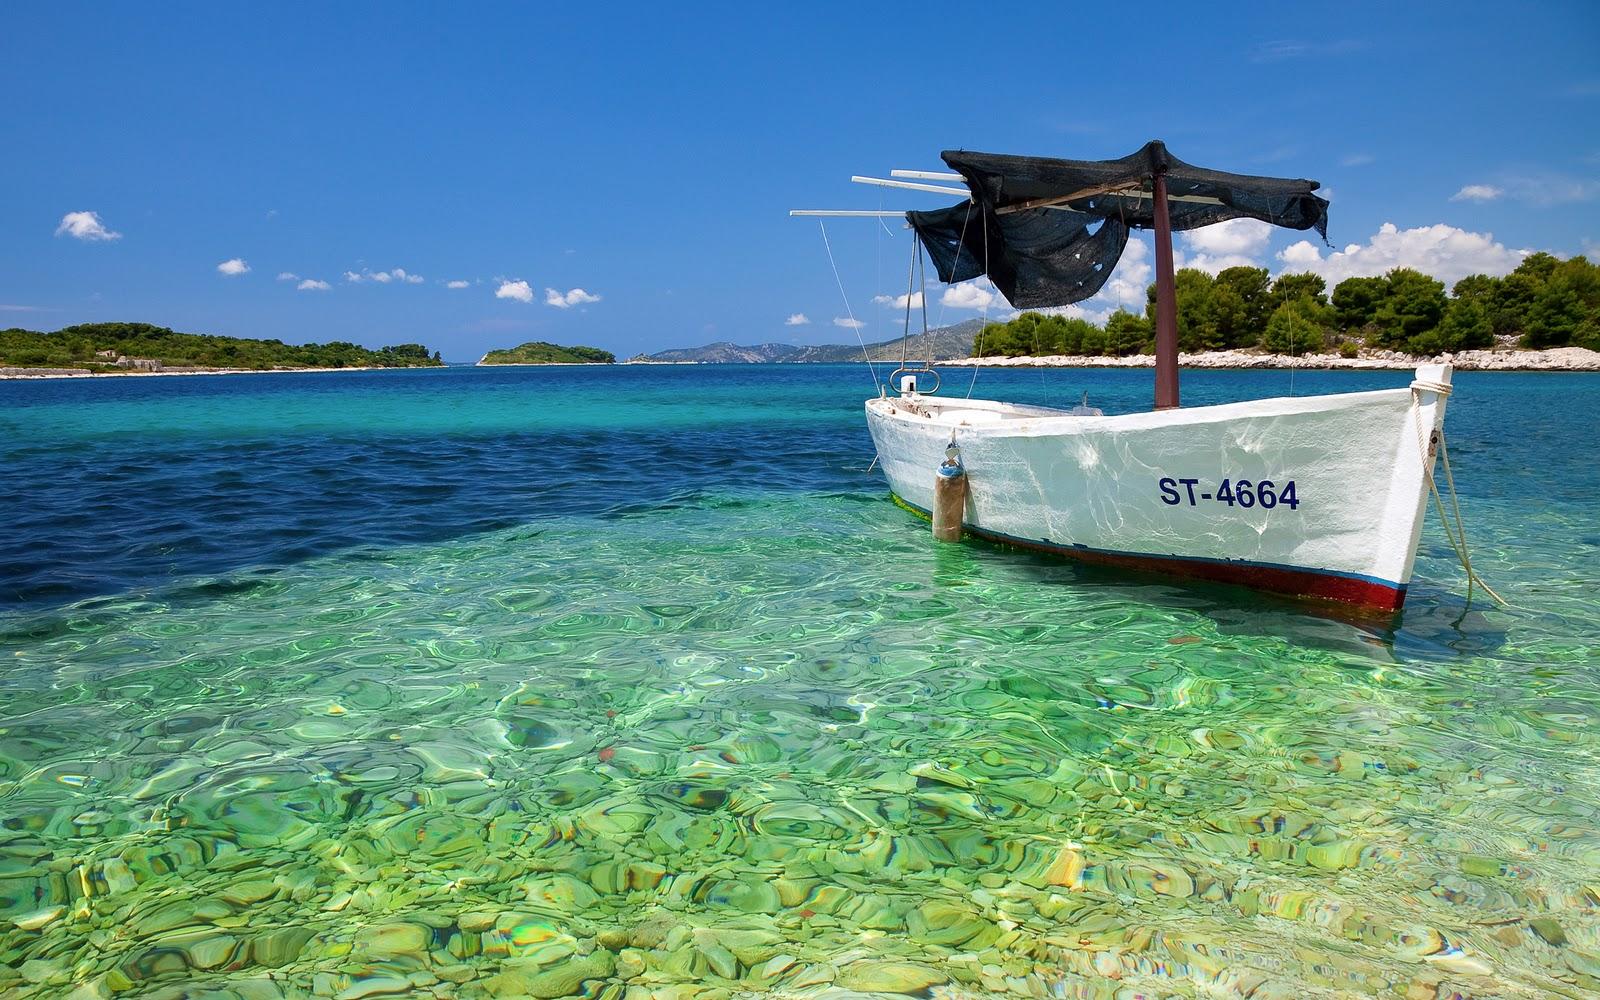 http://4.bp.blogspot.com/-lezkAW0DJbg/UUJqTUjlZFI/AAAAAAAAJi8/92fQPUaMniU/s1600/Fotograf%C3%ADa+de+una+canoa+que+esta+en+la+orilla+del+mar.jpg